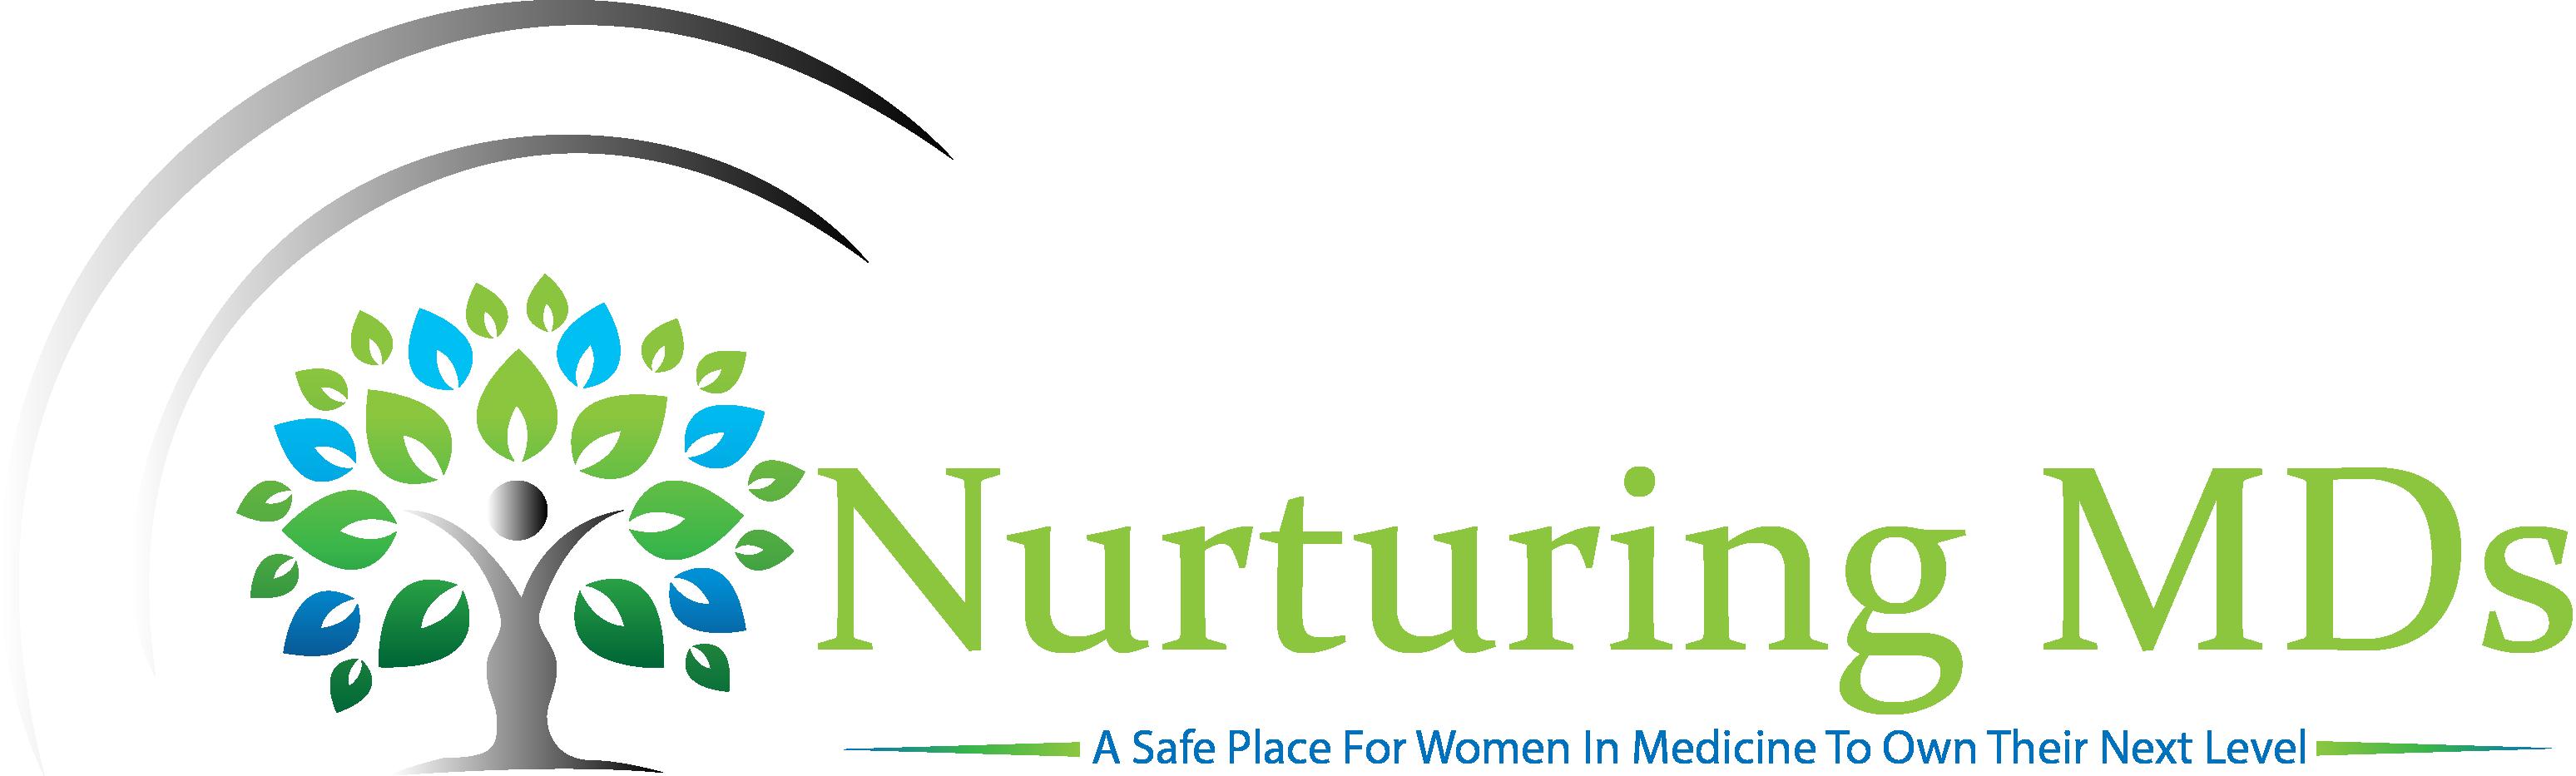 Nurturing MDs